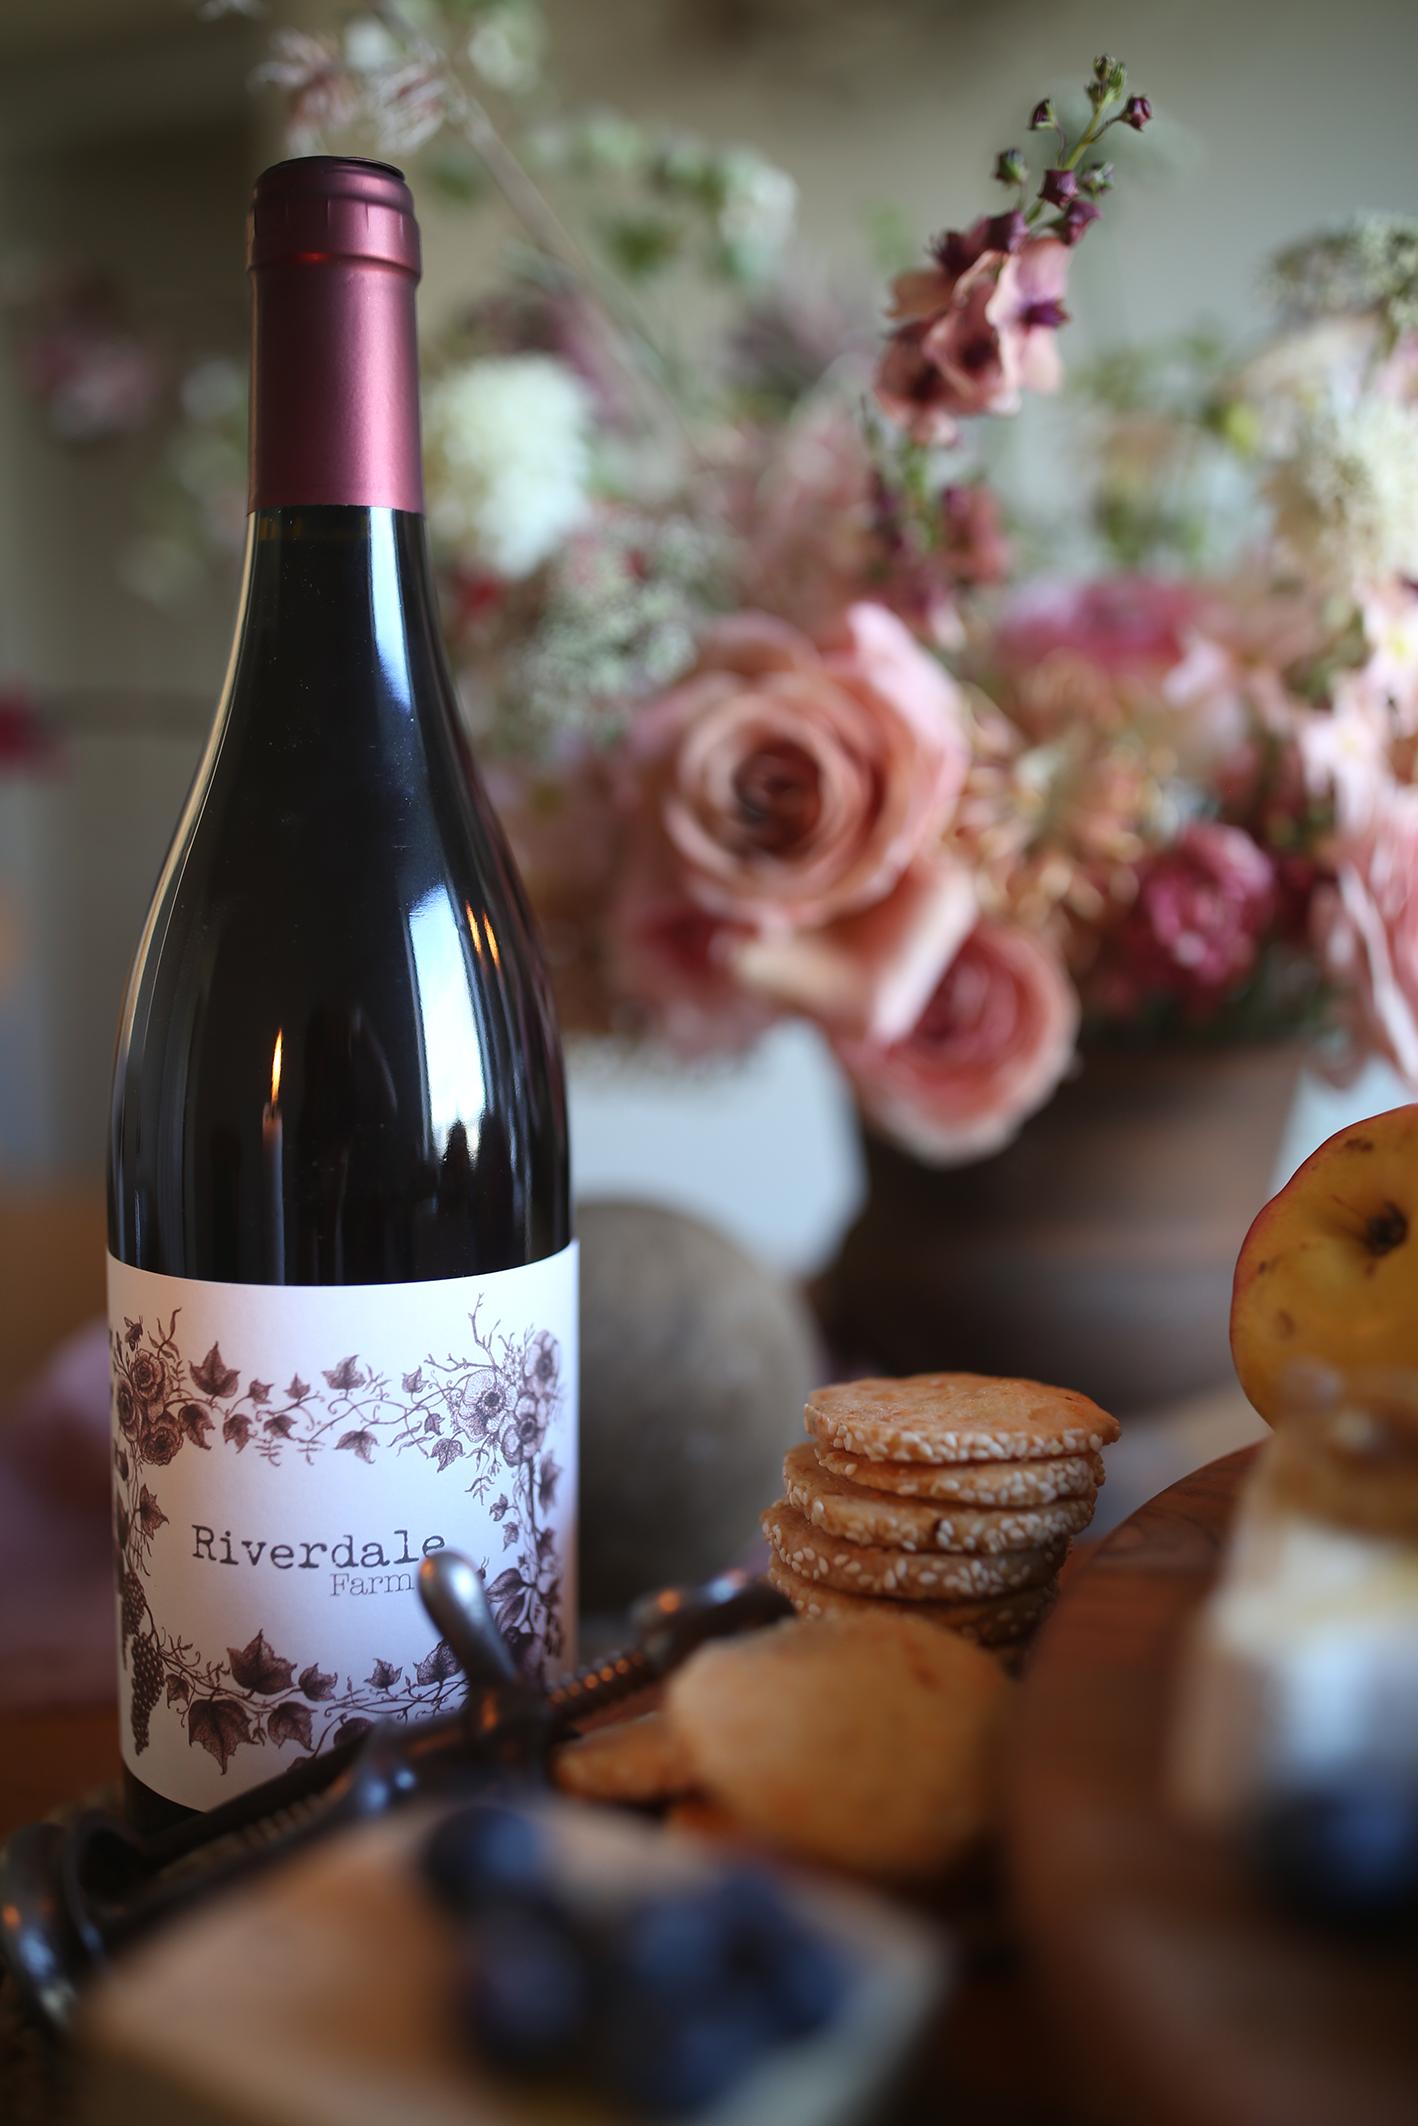 Riverdale Farm Pinot Noir